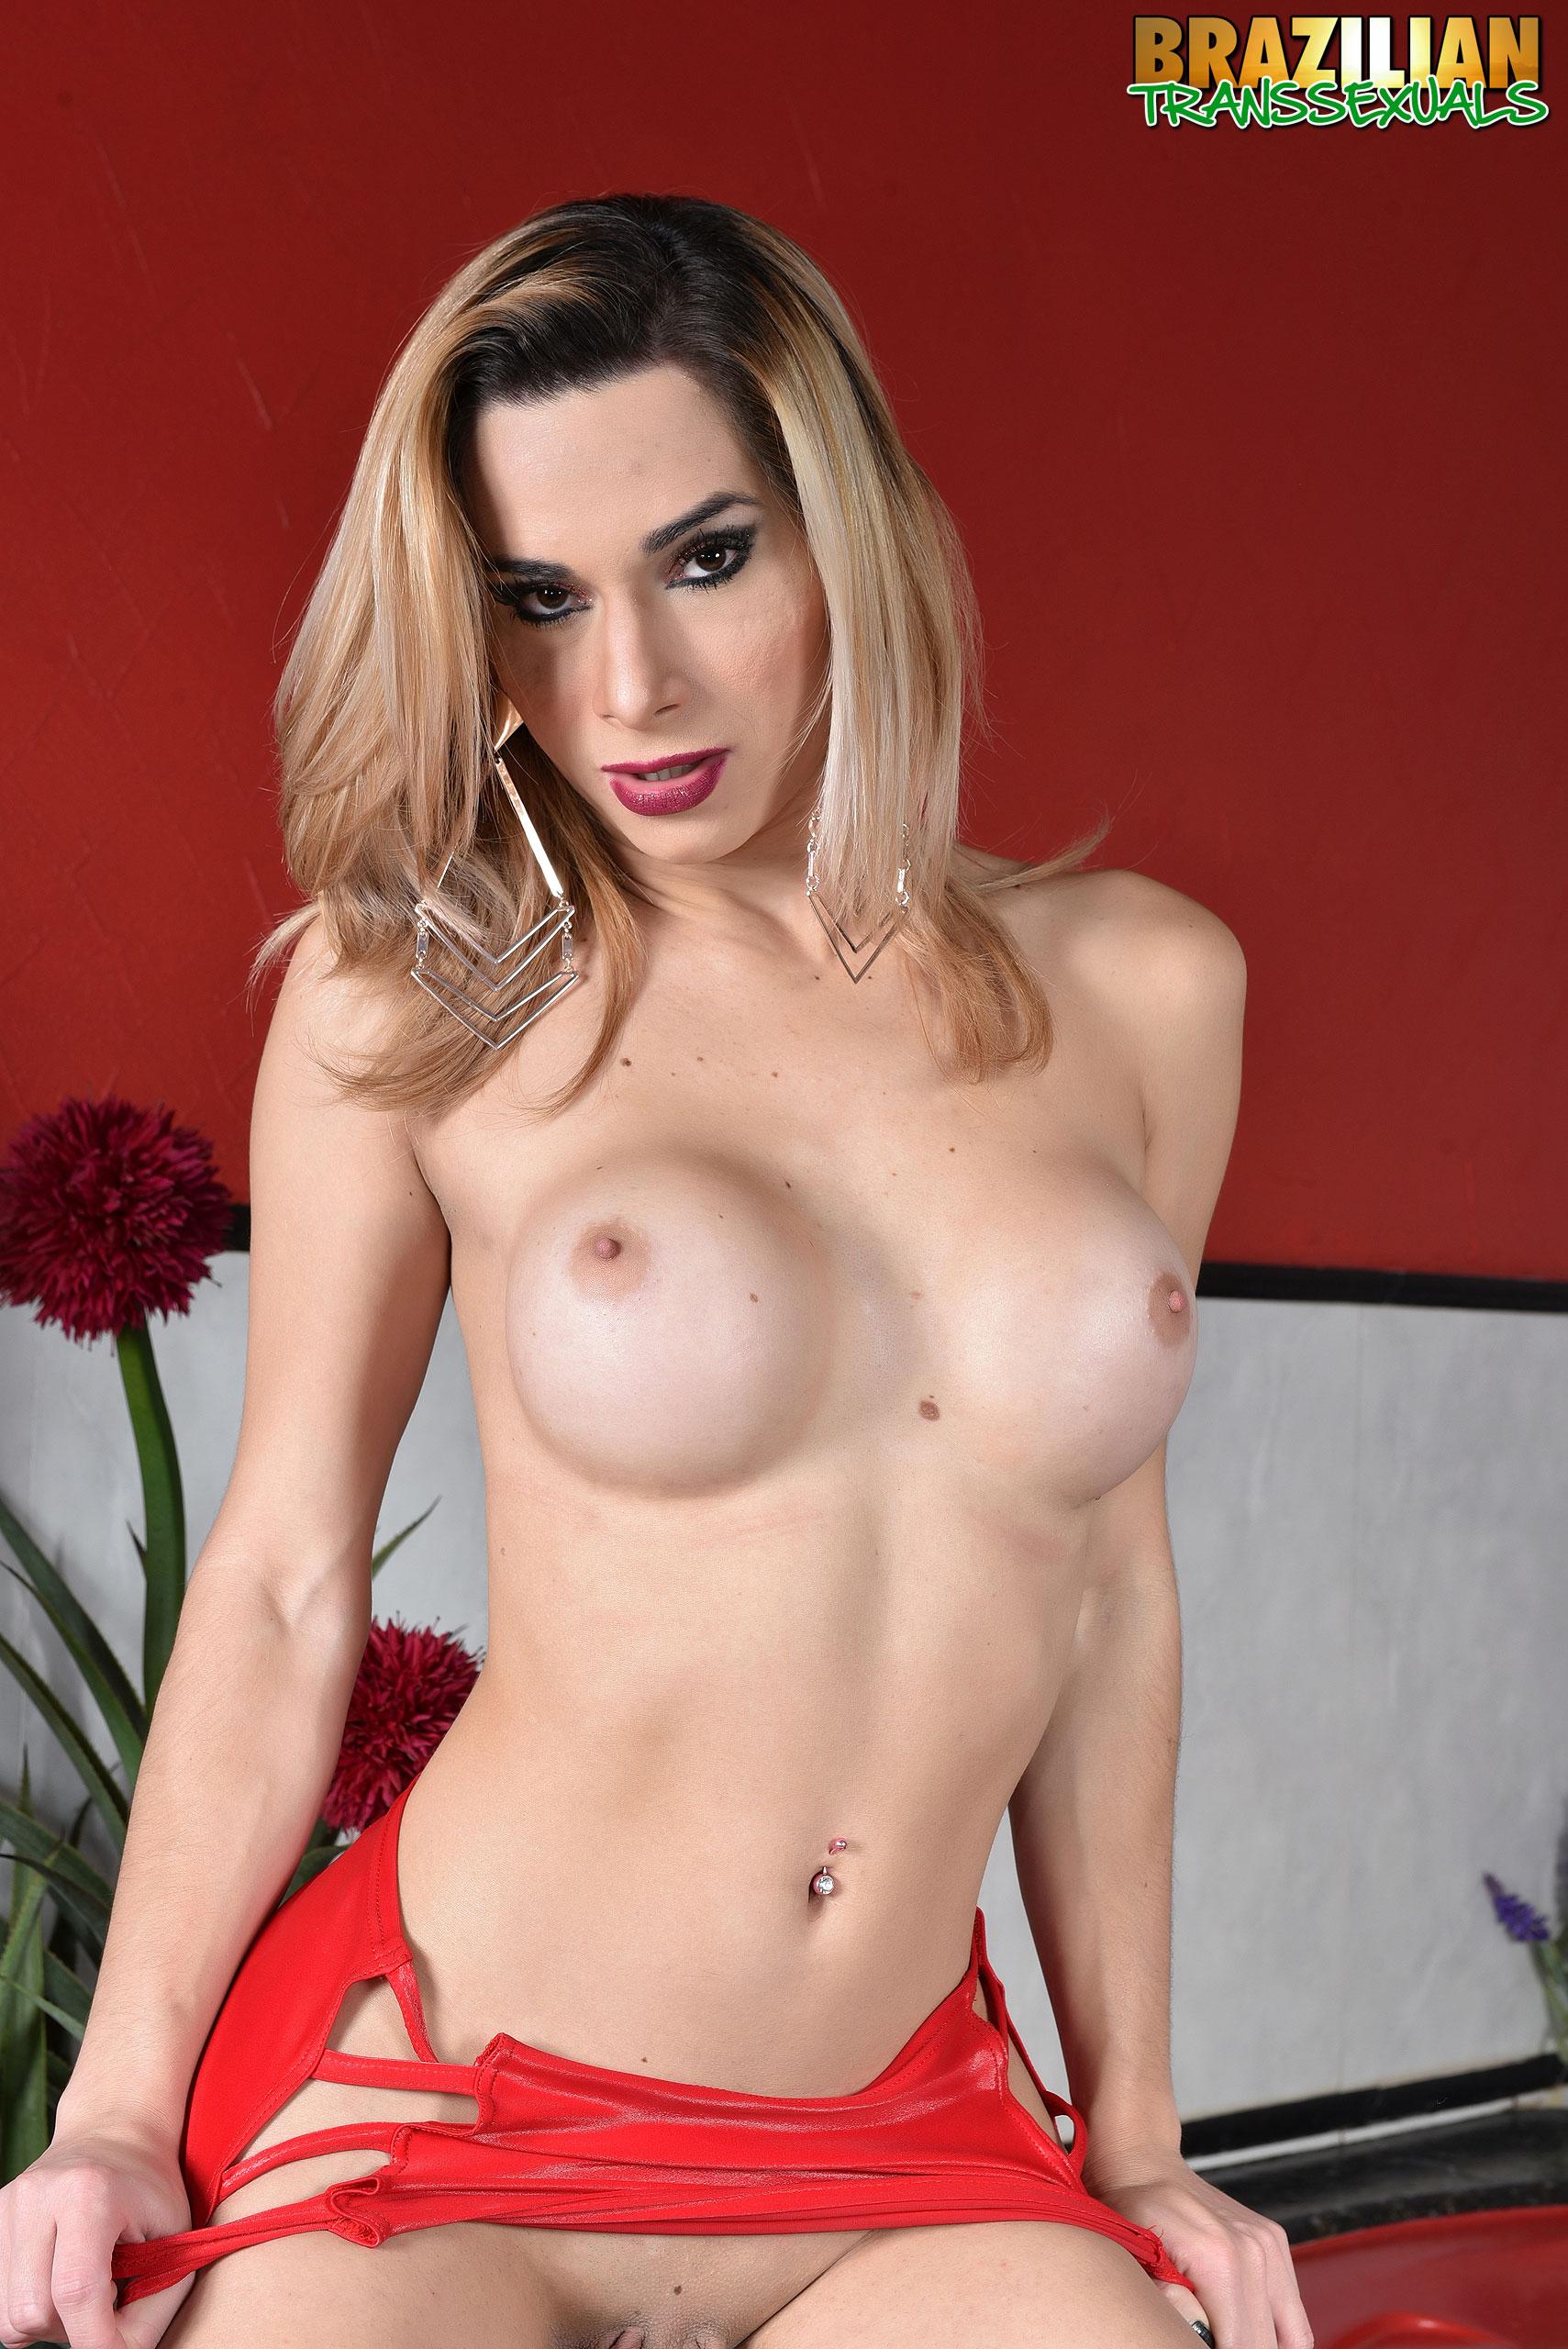 Transsexuals hot brazilian